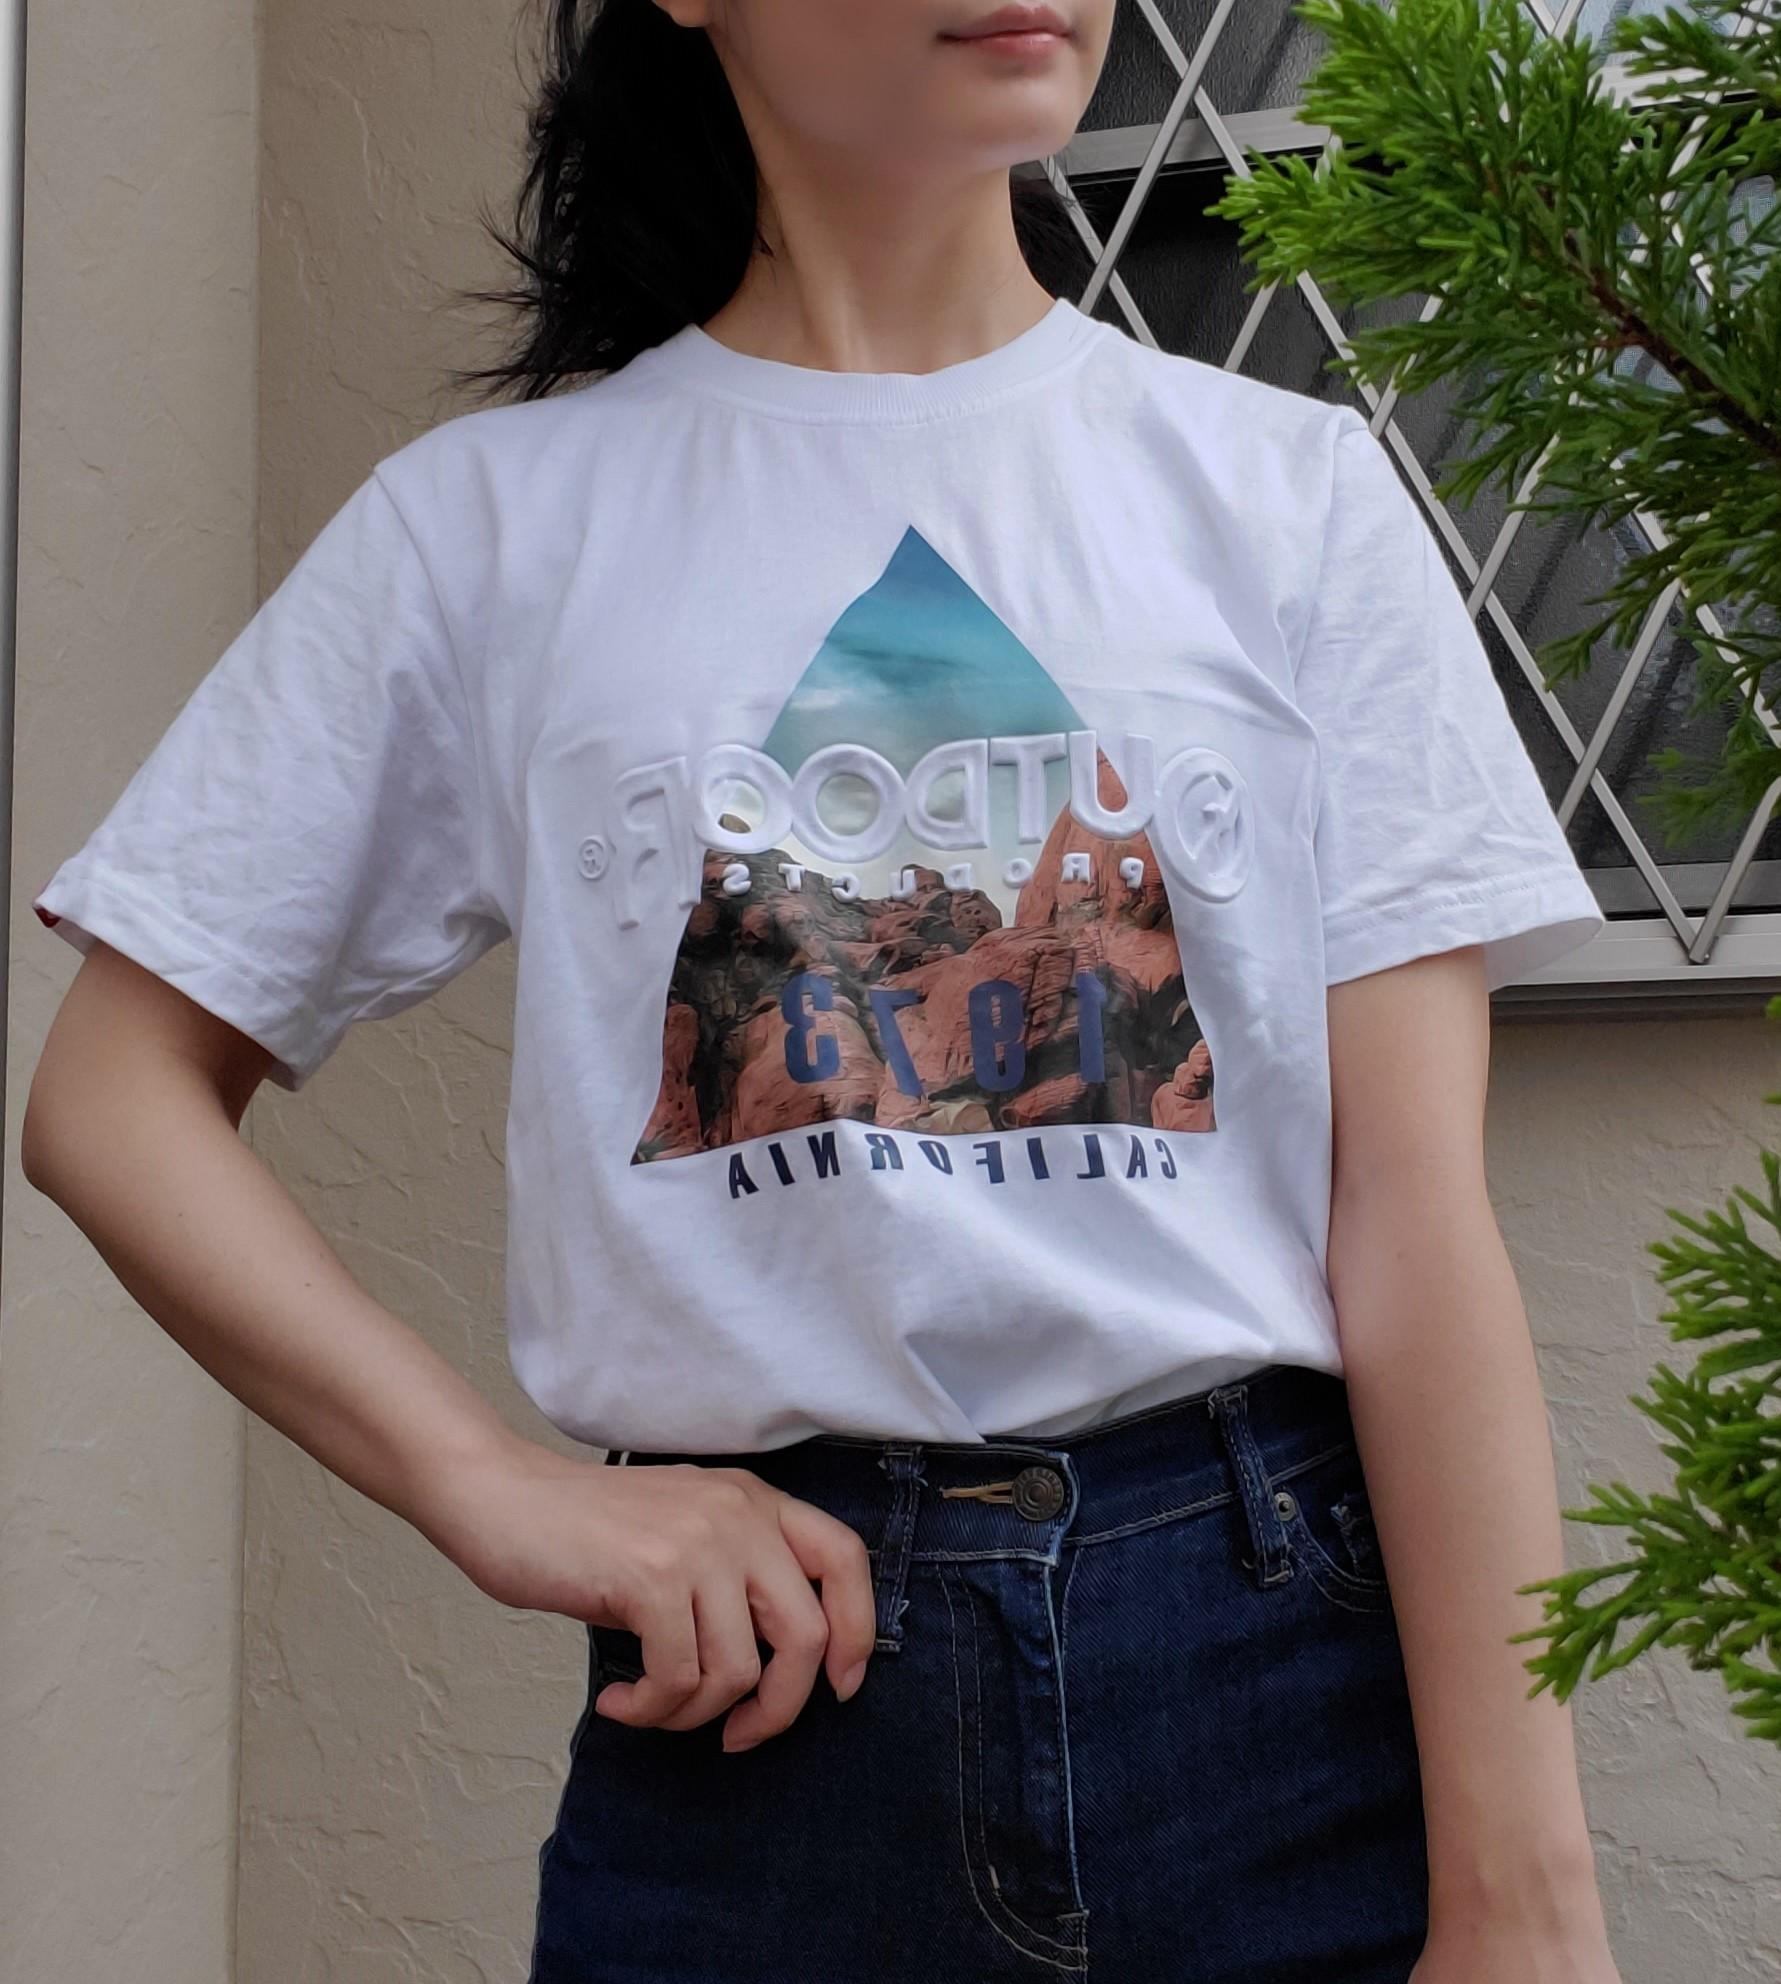 夏だ! 着回し【Tシャツ】はフォトTがお勧め☆_2